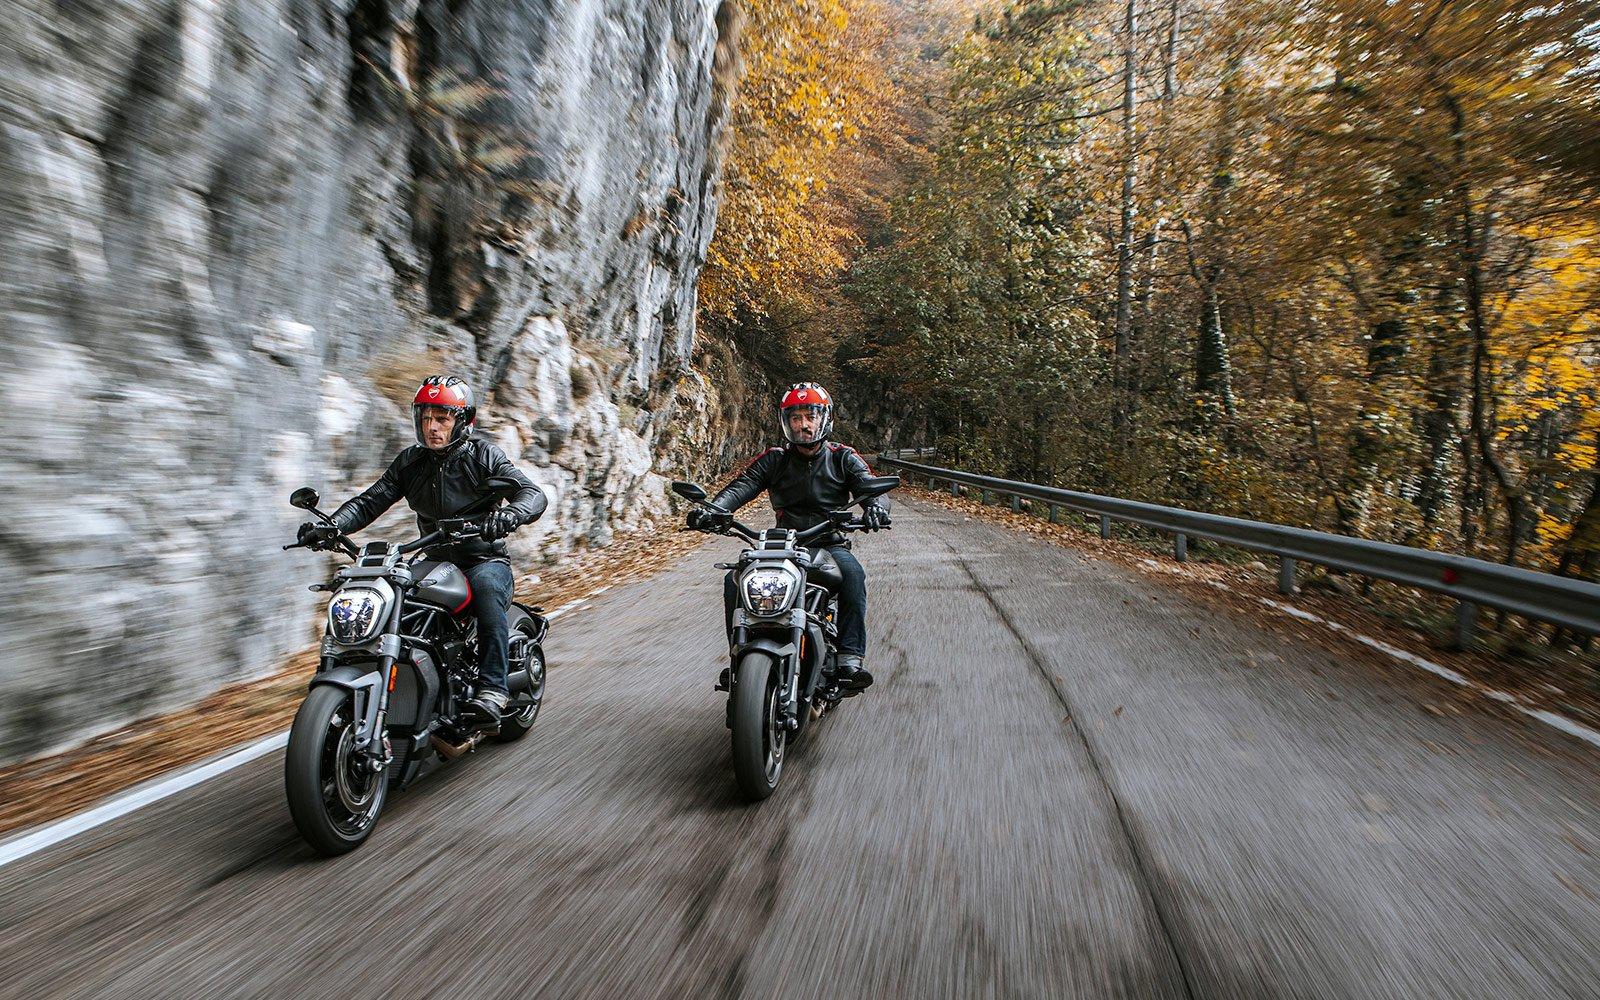 motorverzekering - Verzekering voor motorfietsen